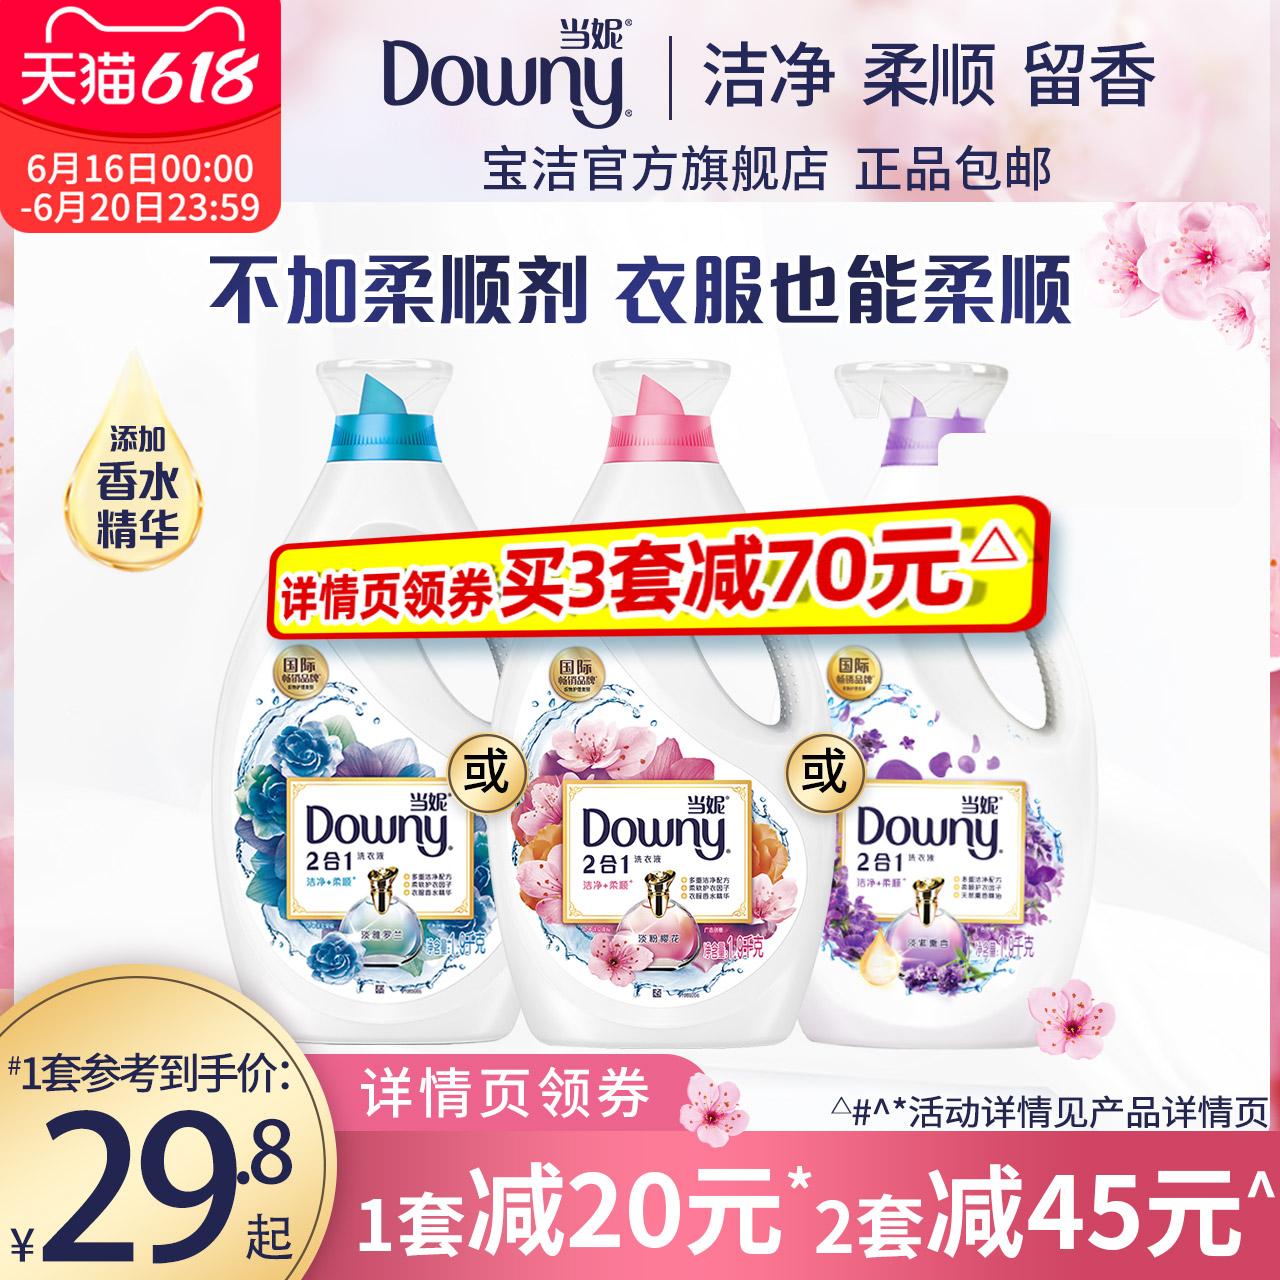 宝洁当妮Downy二合一香水洗衣液洁净护理留香家用促销实惠装1.9kg